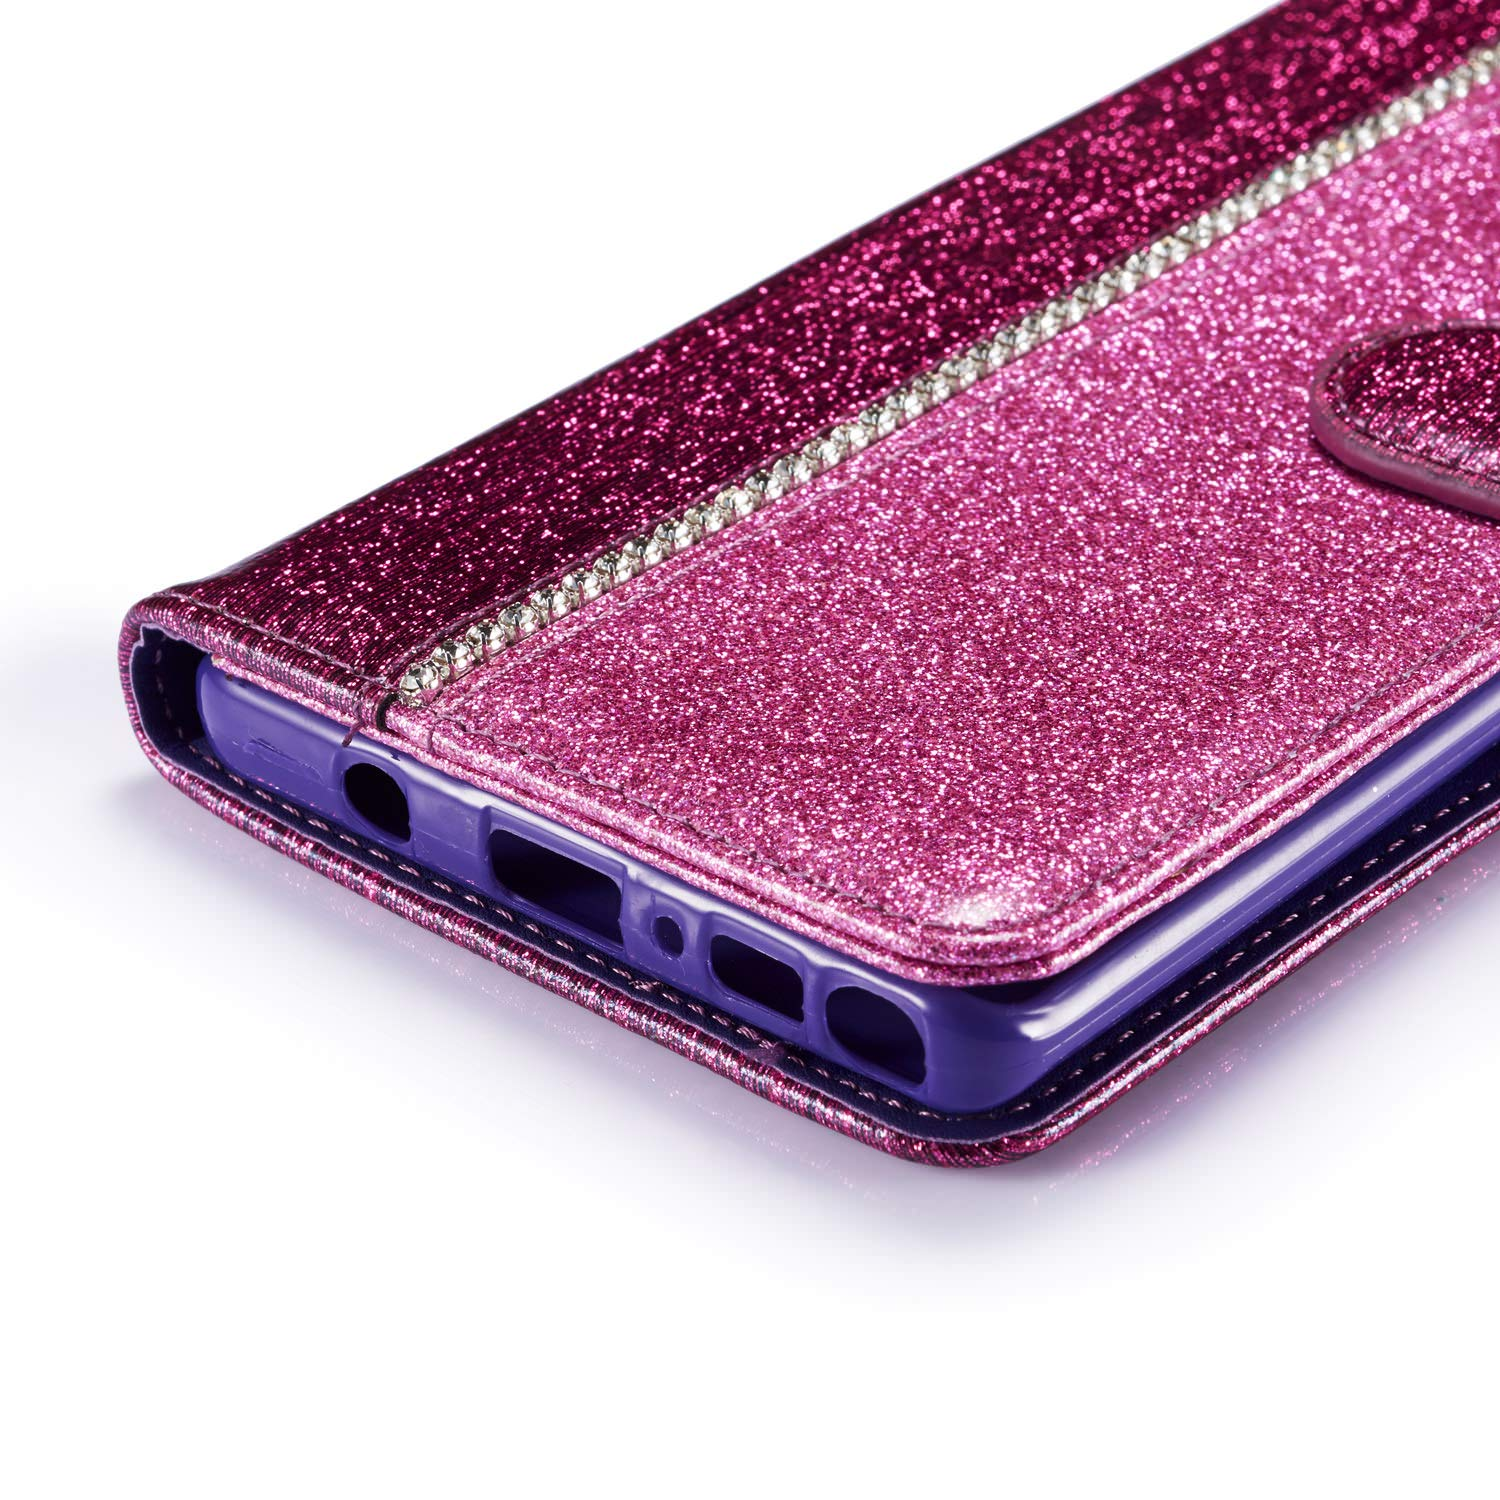 ZCXG Kompatibel mit Samsung Galaxy Note 9 H/ülle Glitzer Gold Handyh/ülle Leder Magnet Flip Cover Schwarz Silikon H/ülle Innere Tasche D/ünn mit Kartenfach Brieftasche M/ädchen Klappbar Case